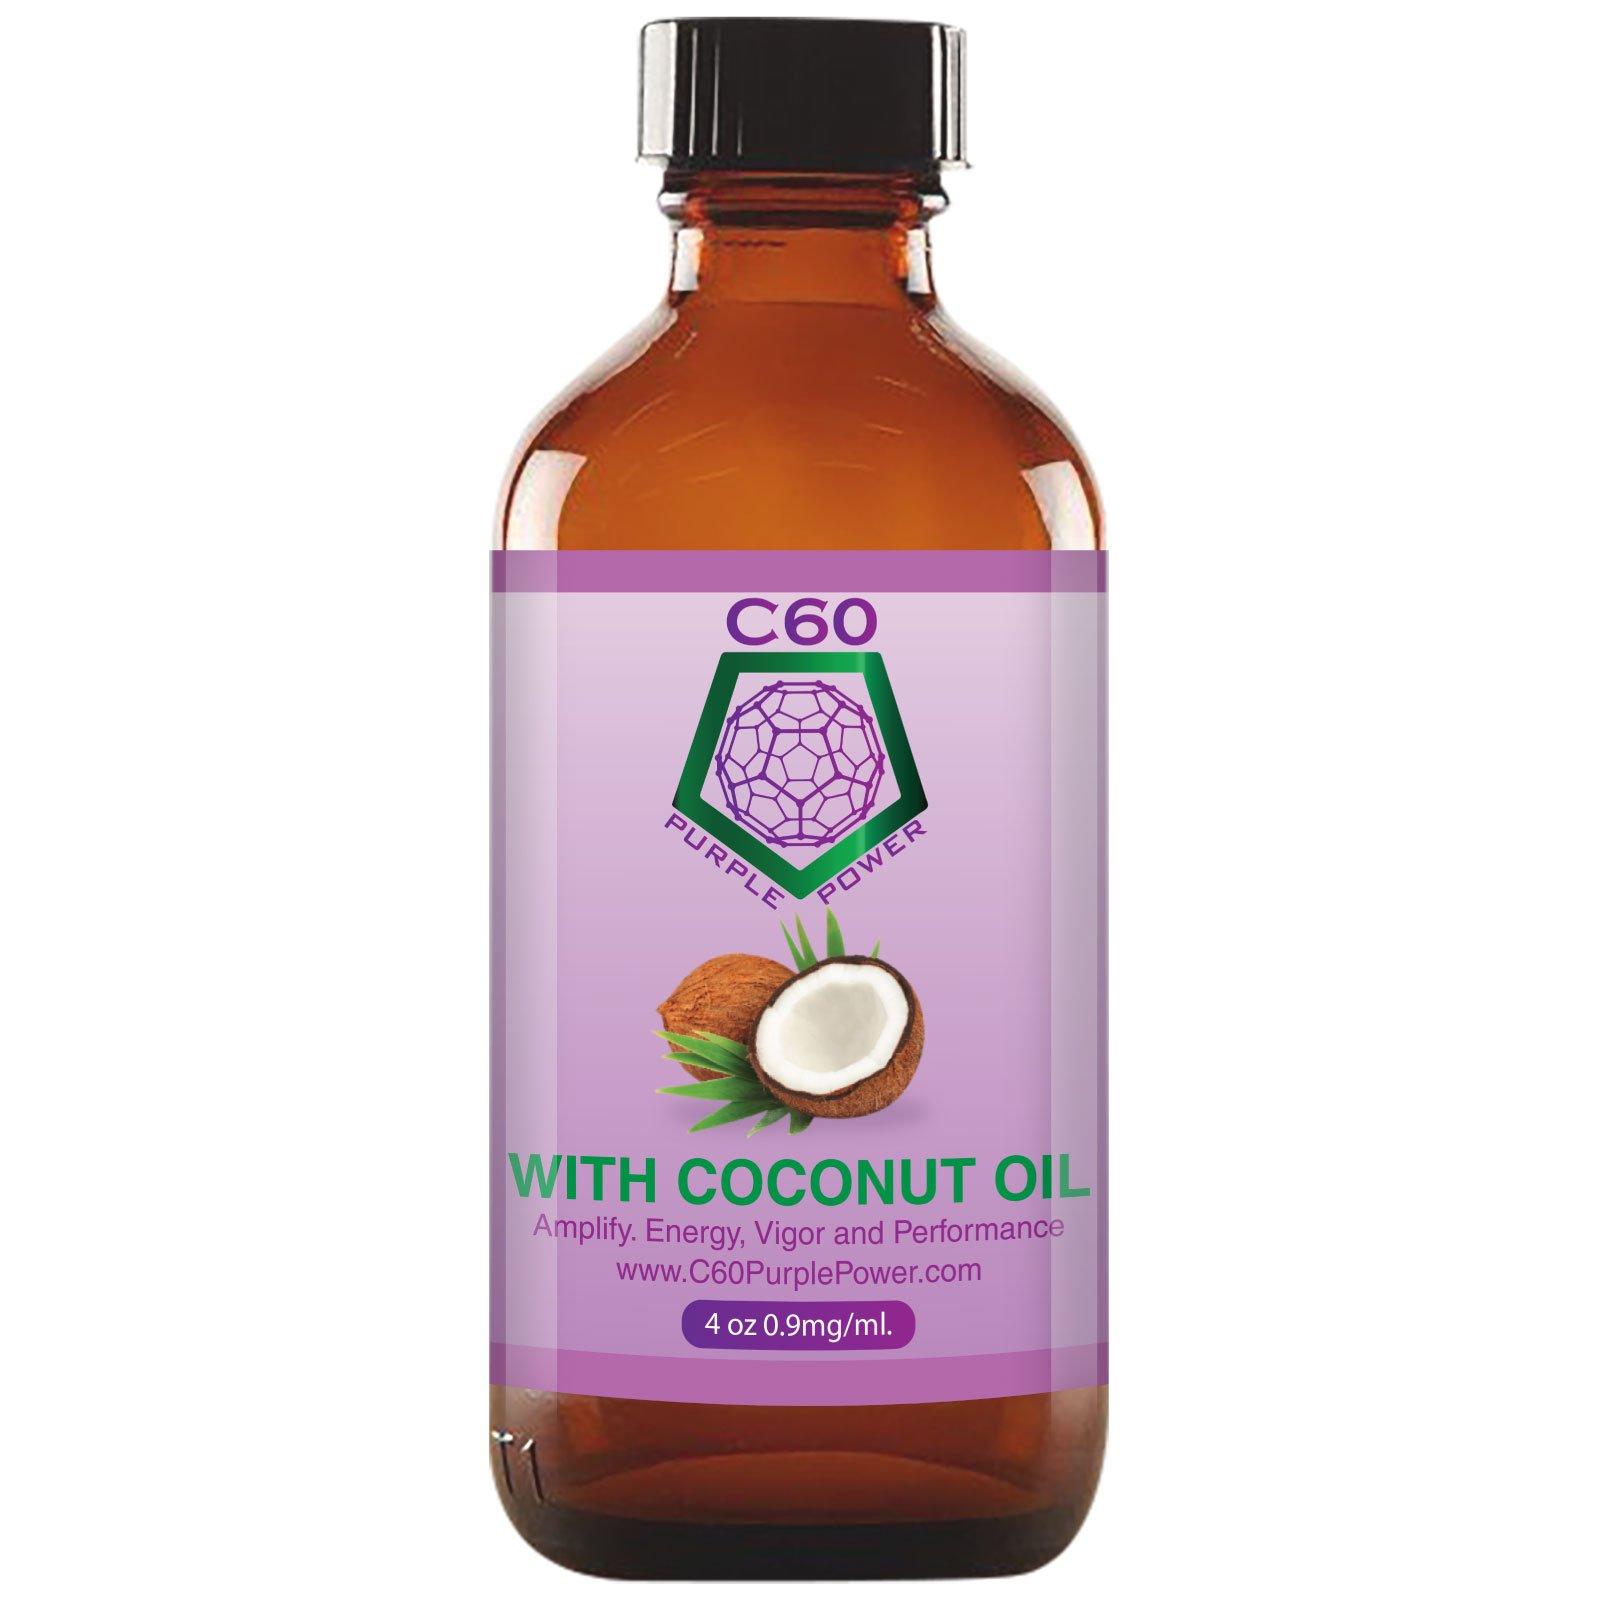 C60 Purple Power in COCONUT OIL 4oz - 120 ml, 0.9 mg/ml C60 99.95% Purity